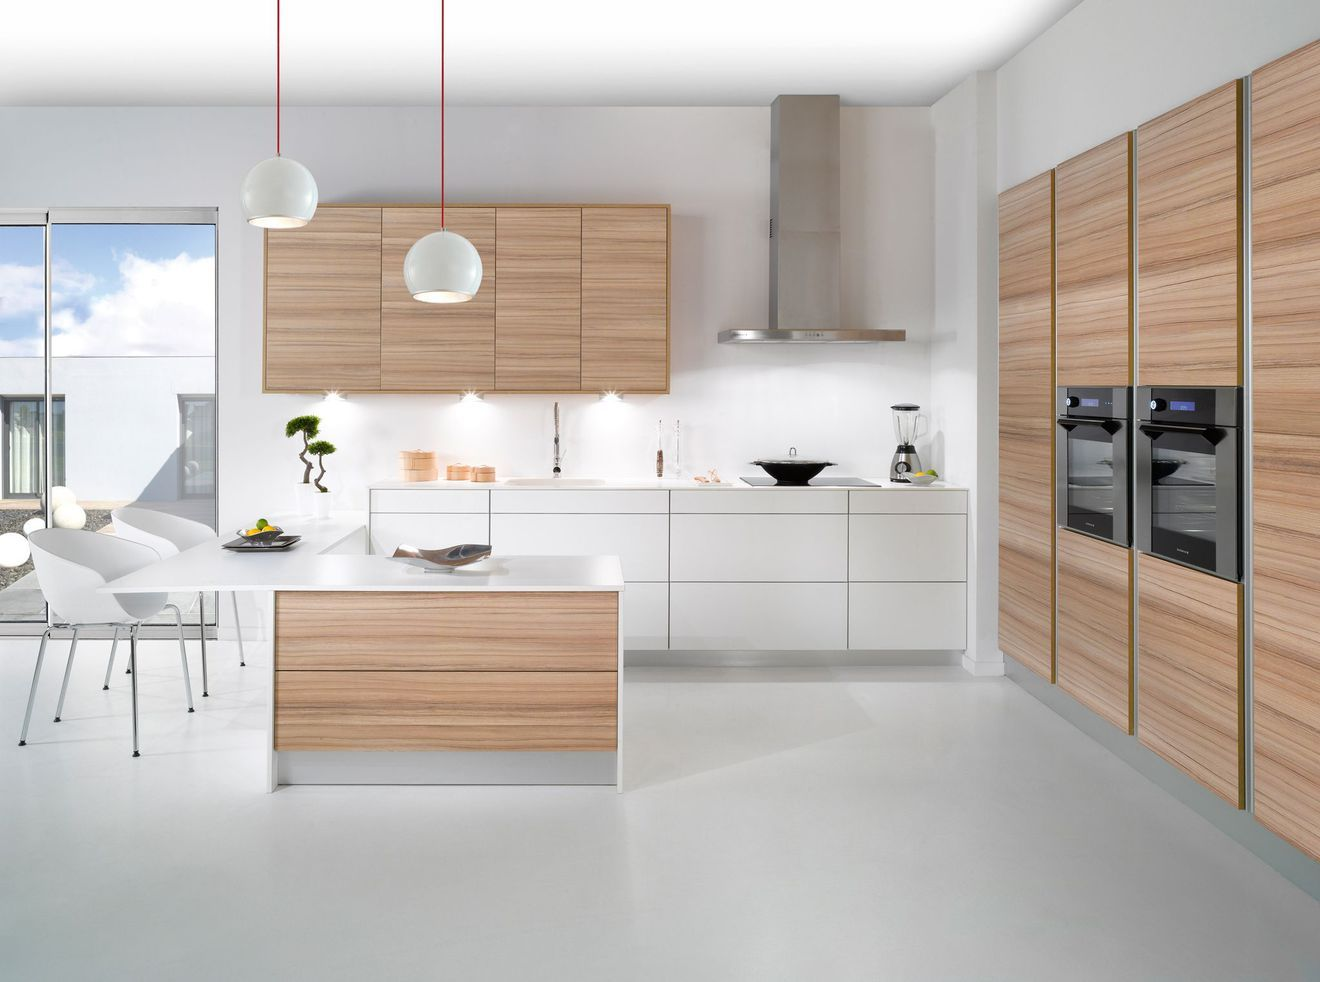 Httpstaticcotemaisonfrmediaswclimitgnorth - Meuble cuisine bois et zinc pour idees de deco de cuisine